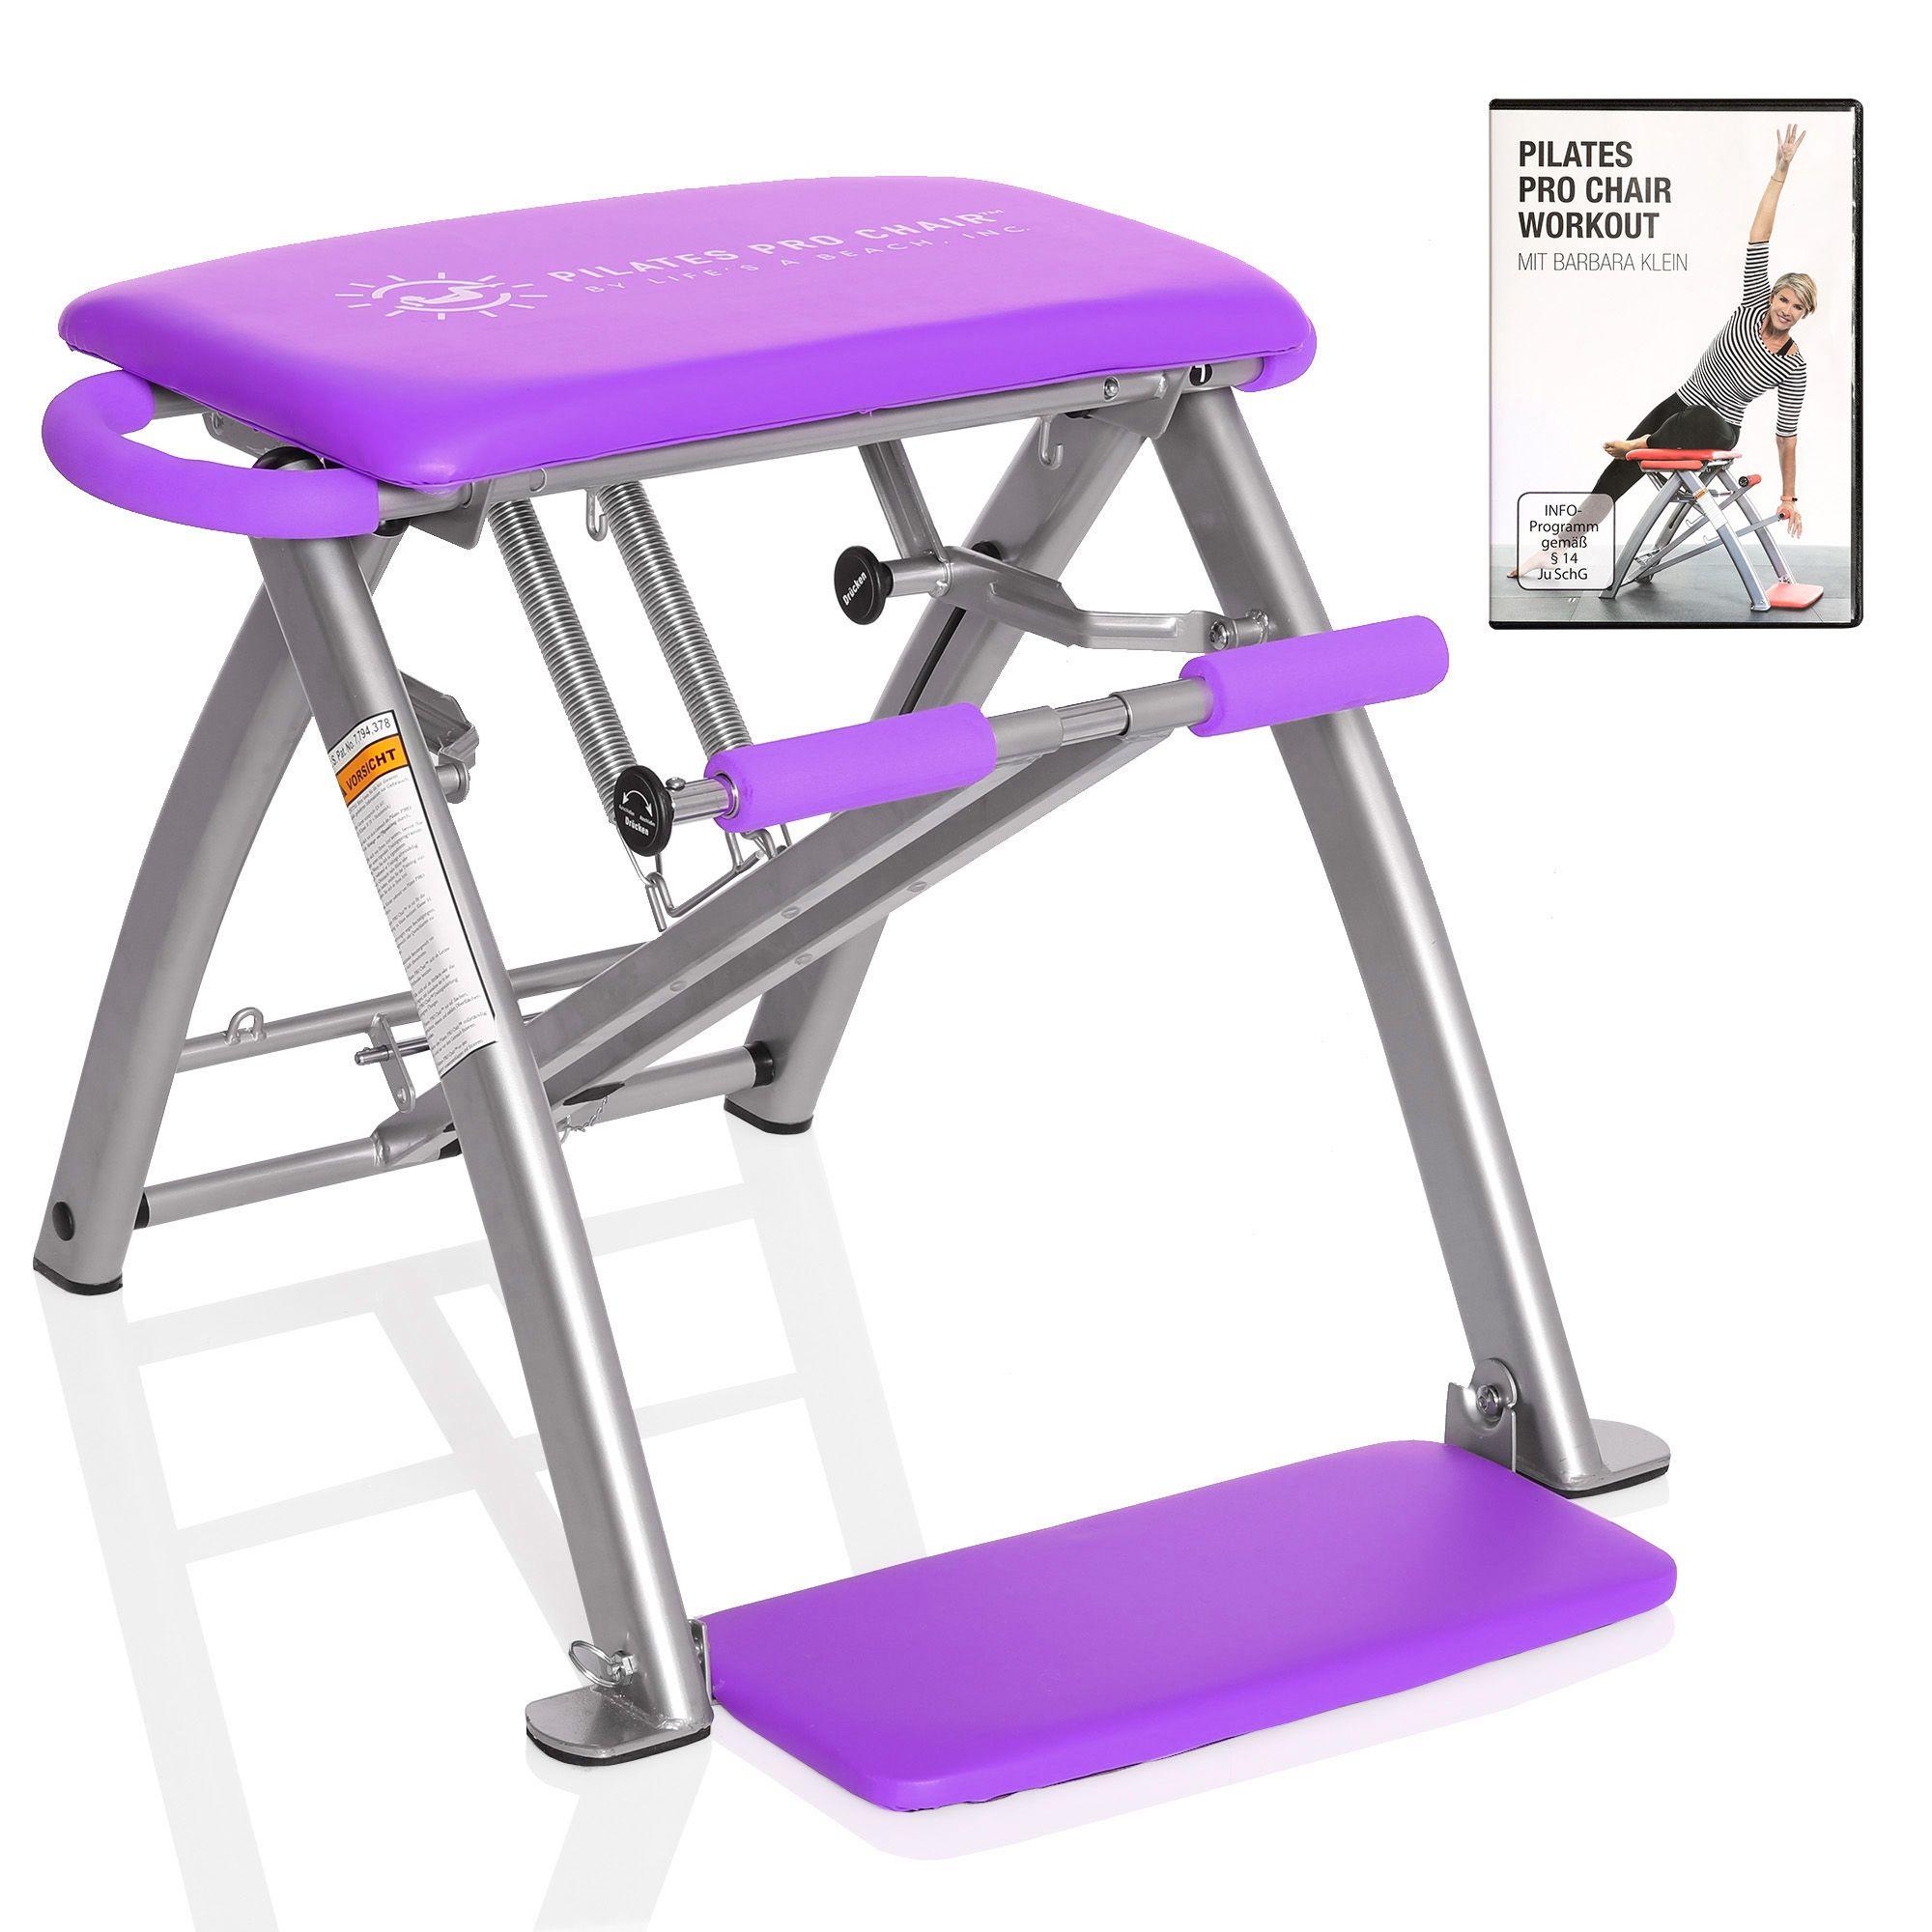 Qvc Sportgeräte pilates pro chair™ pilates stuhl mit einstellbarem widerstand